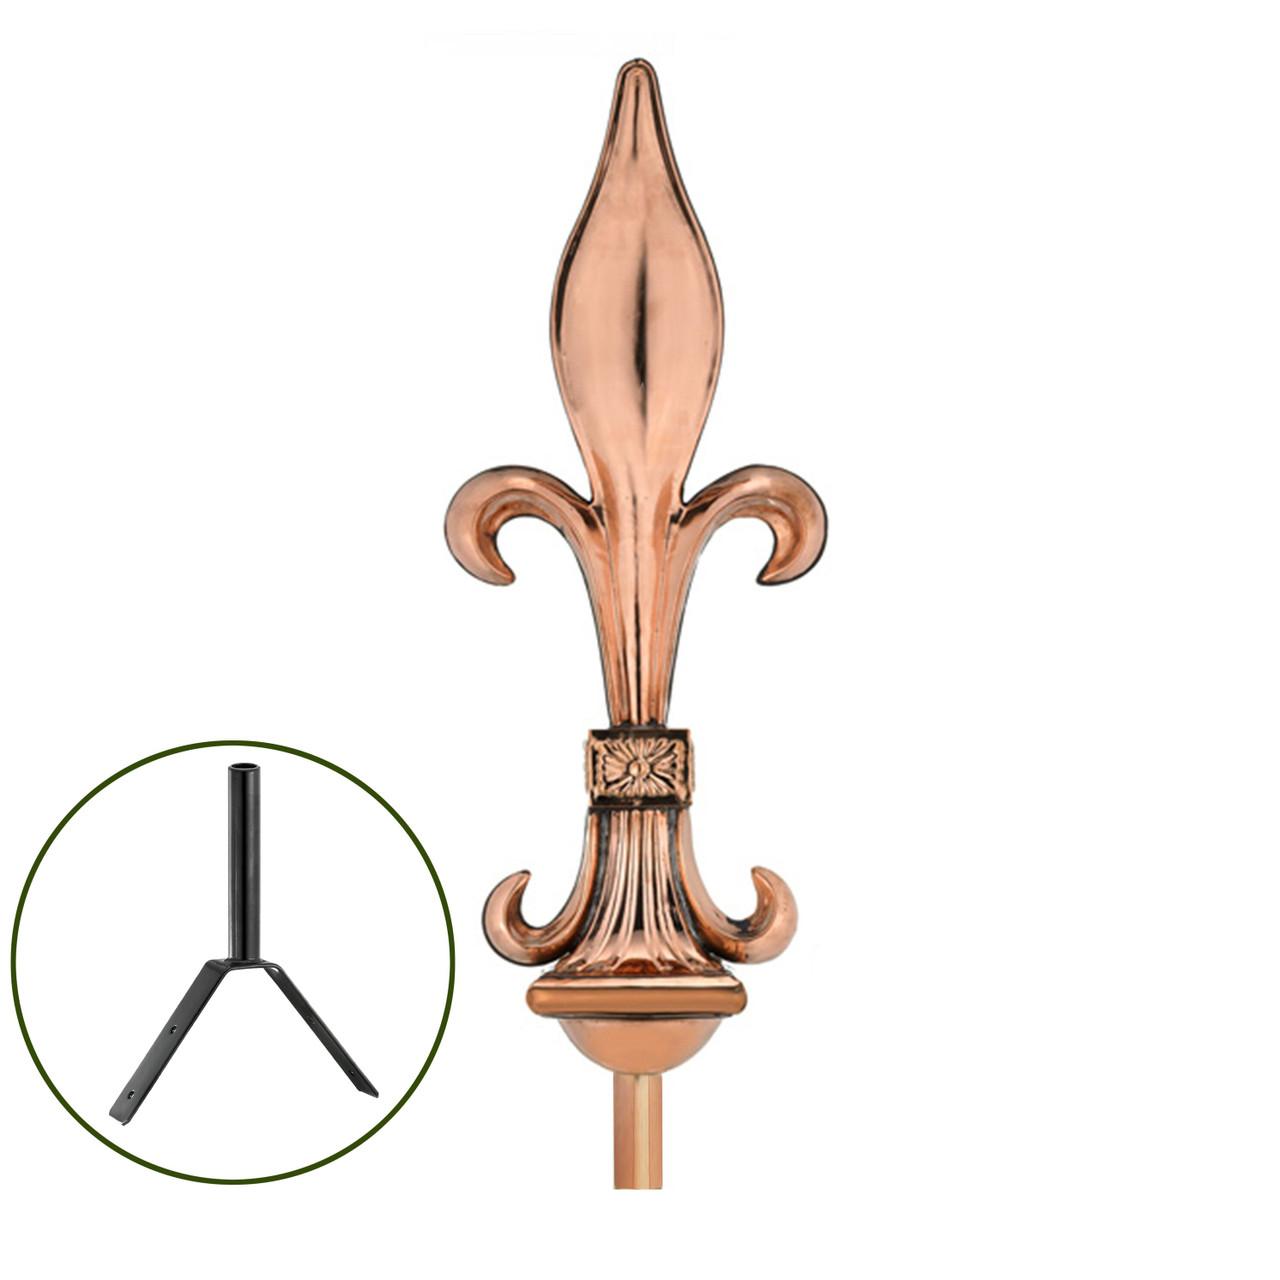 Fleur-De-Lis Polished Copper Rooftop Finial